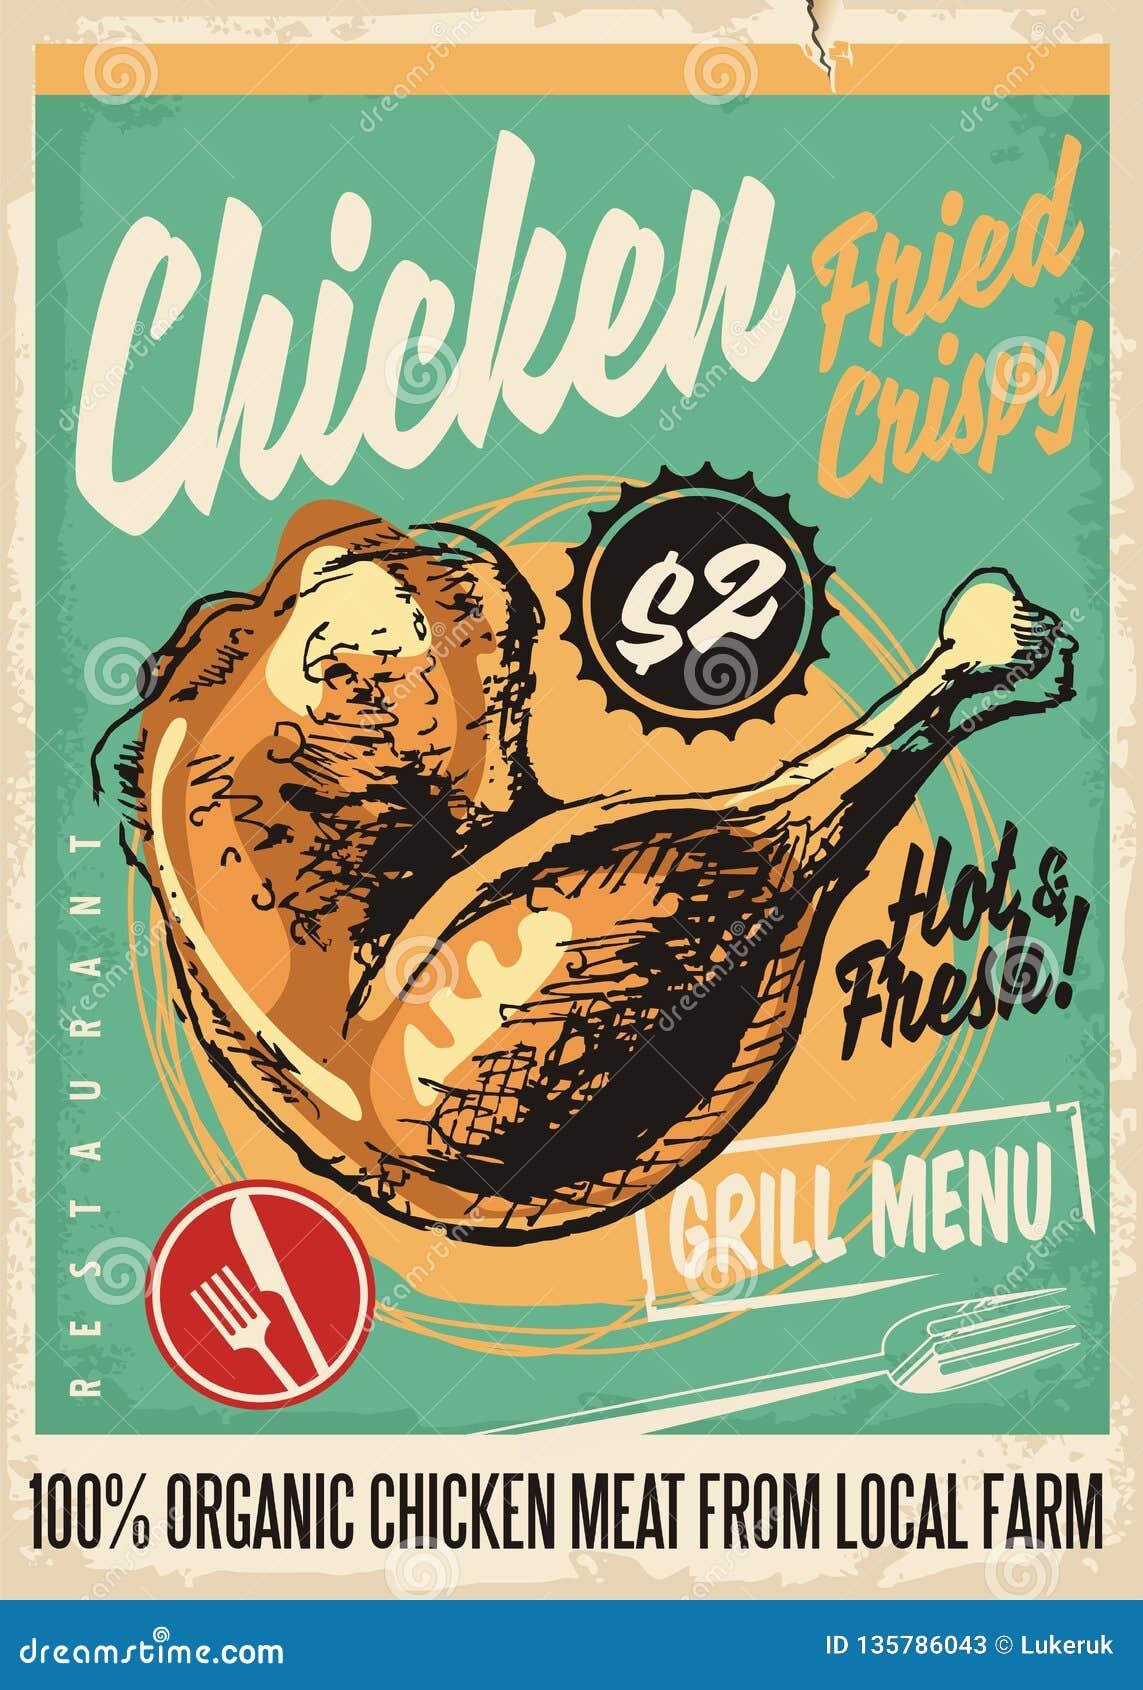 Crispy Fried Chicken Legs Retro Restaurant Menu Design Stock Vector Illustration Of Artistic Flyer 135786043